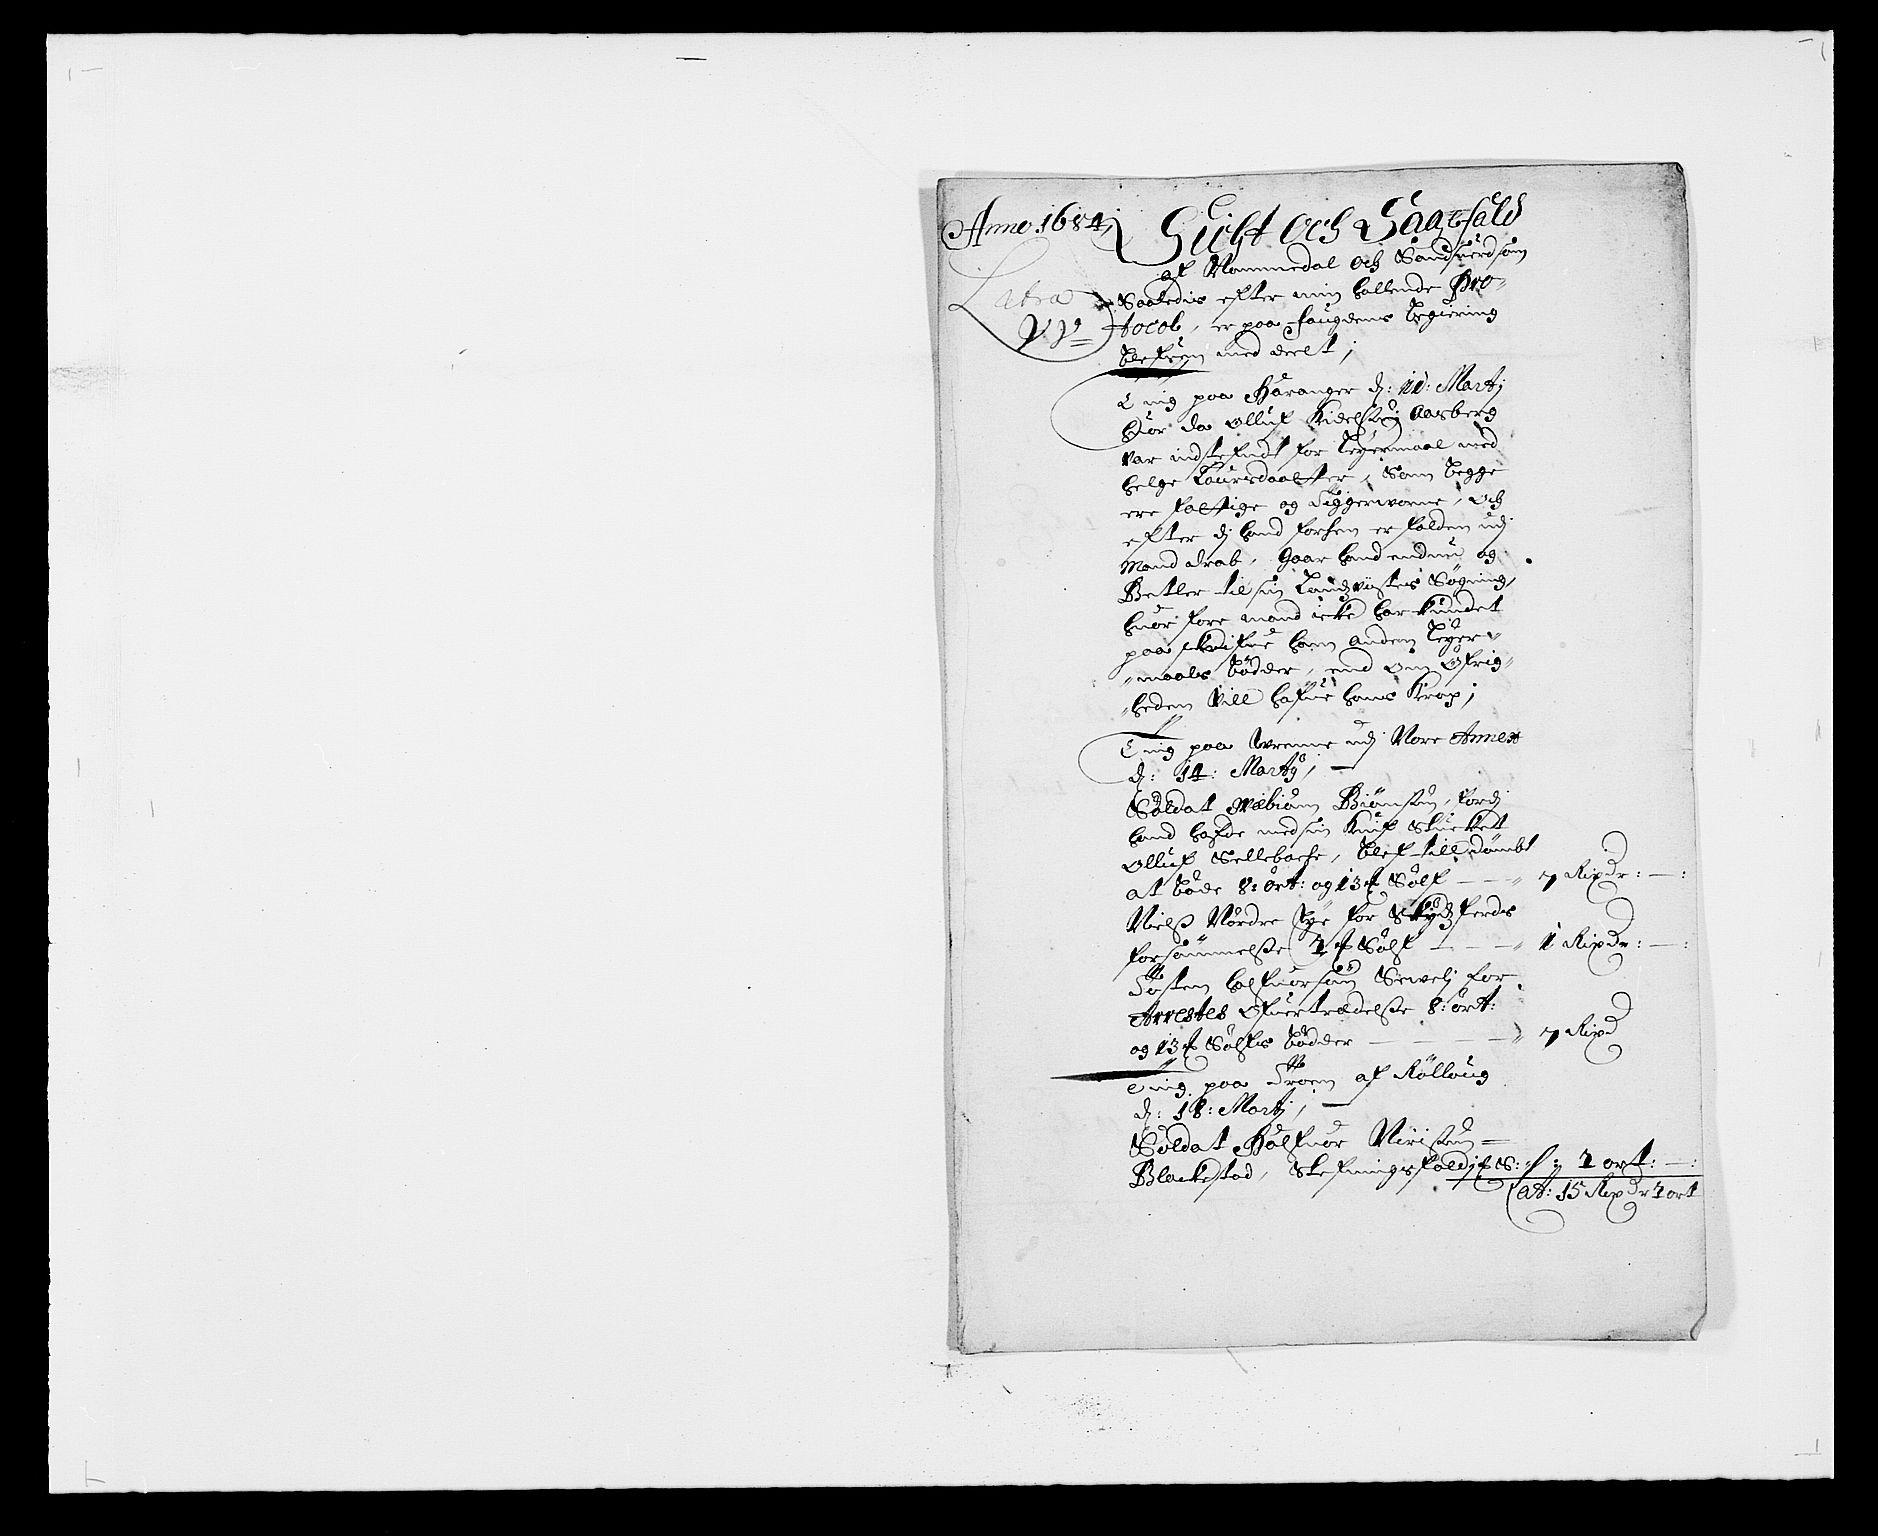 RA, Rentekammeret inntil 1814, Reviderte regnskaper, Fogderegnskap, R24/L1571: Fogderegnskap Numedal og Sandsvær, 1679-1686, s. 19